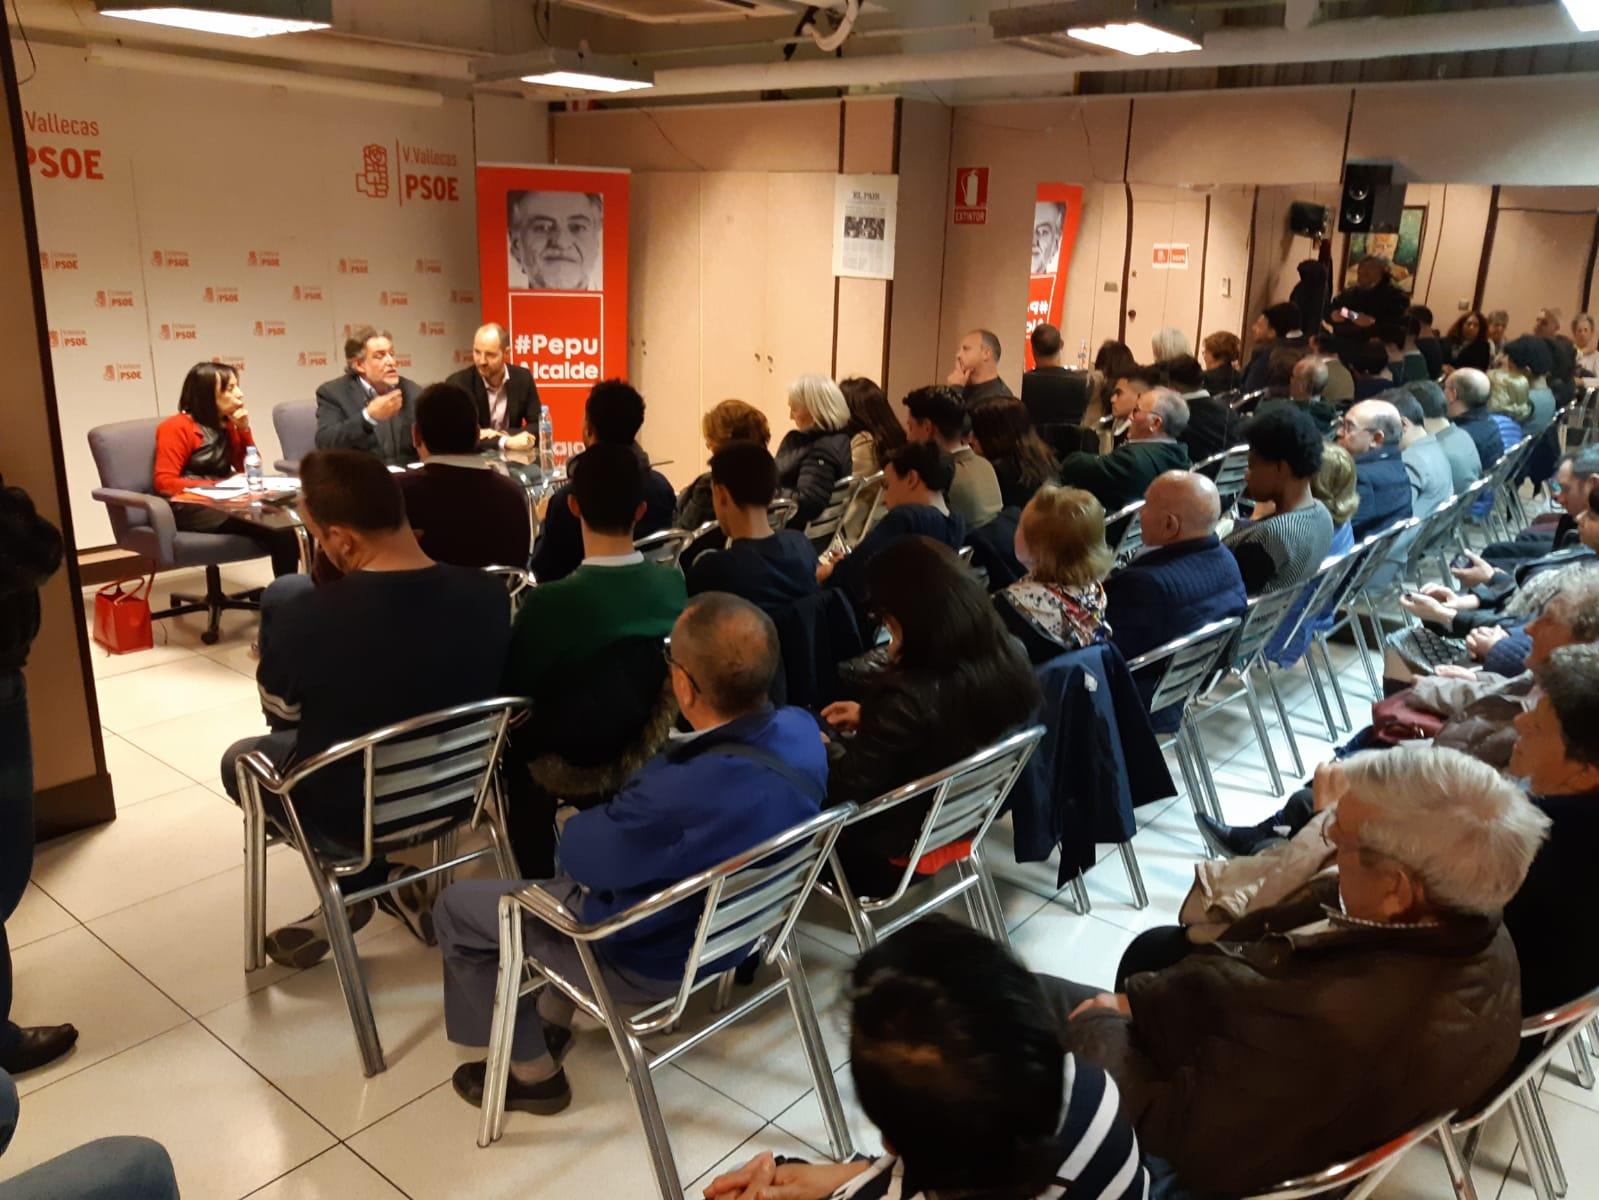 #PepuAlcalde visita PSOE Villa de Vallecas reuniéndose con militantes.